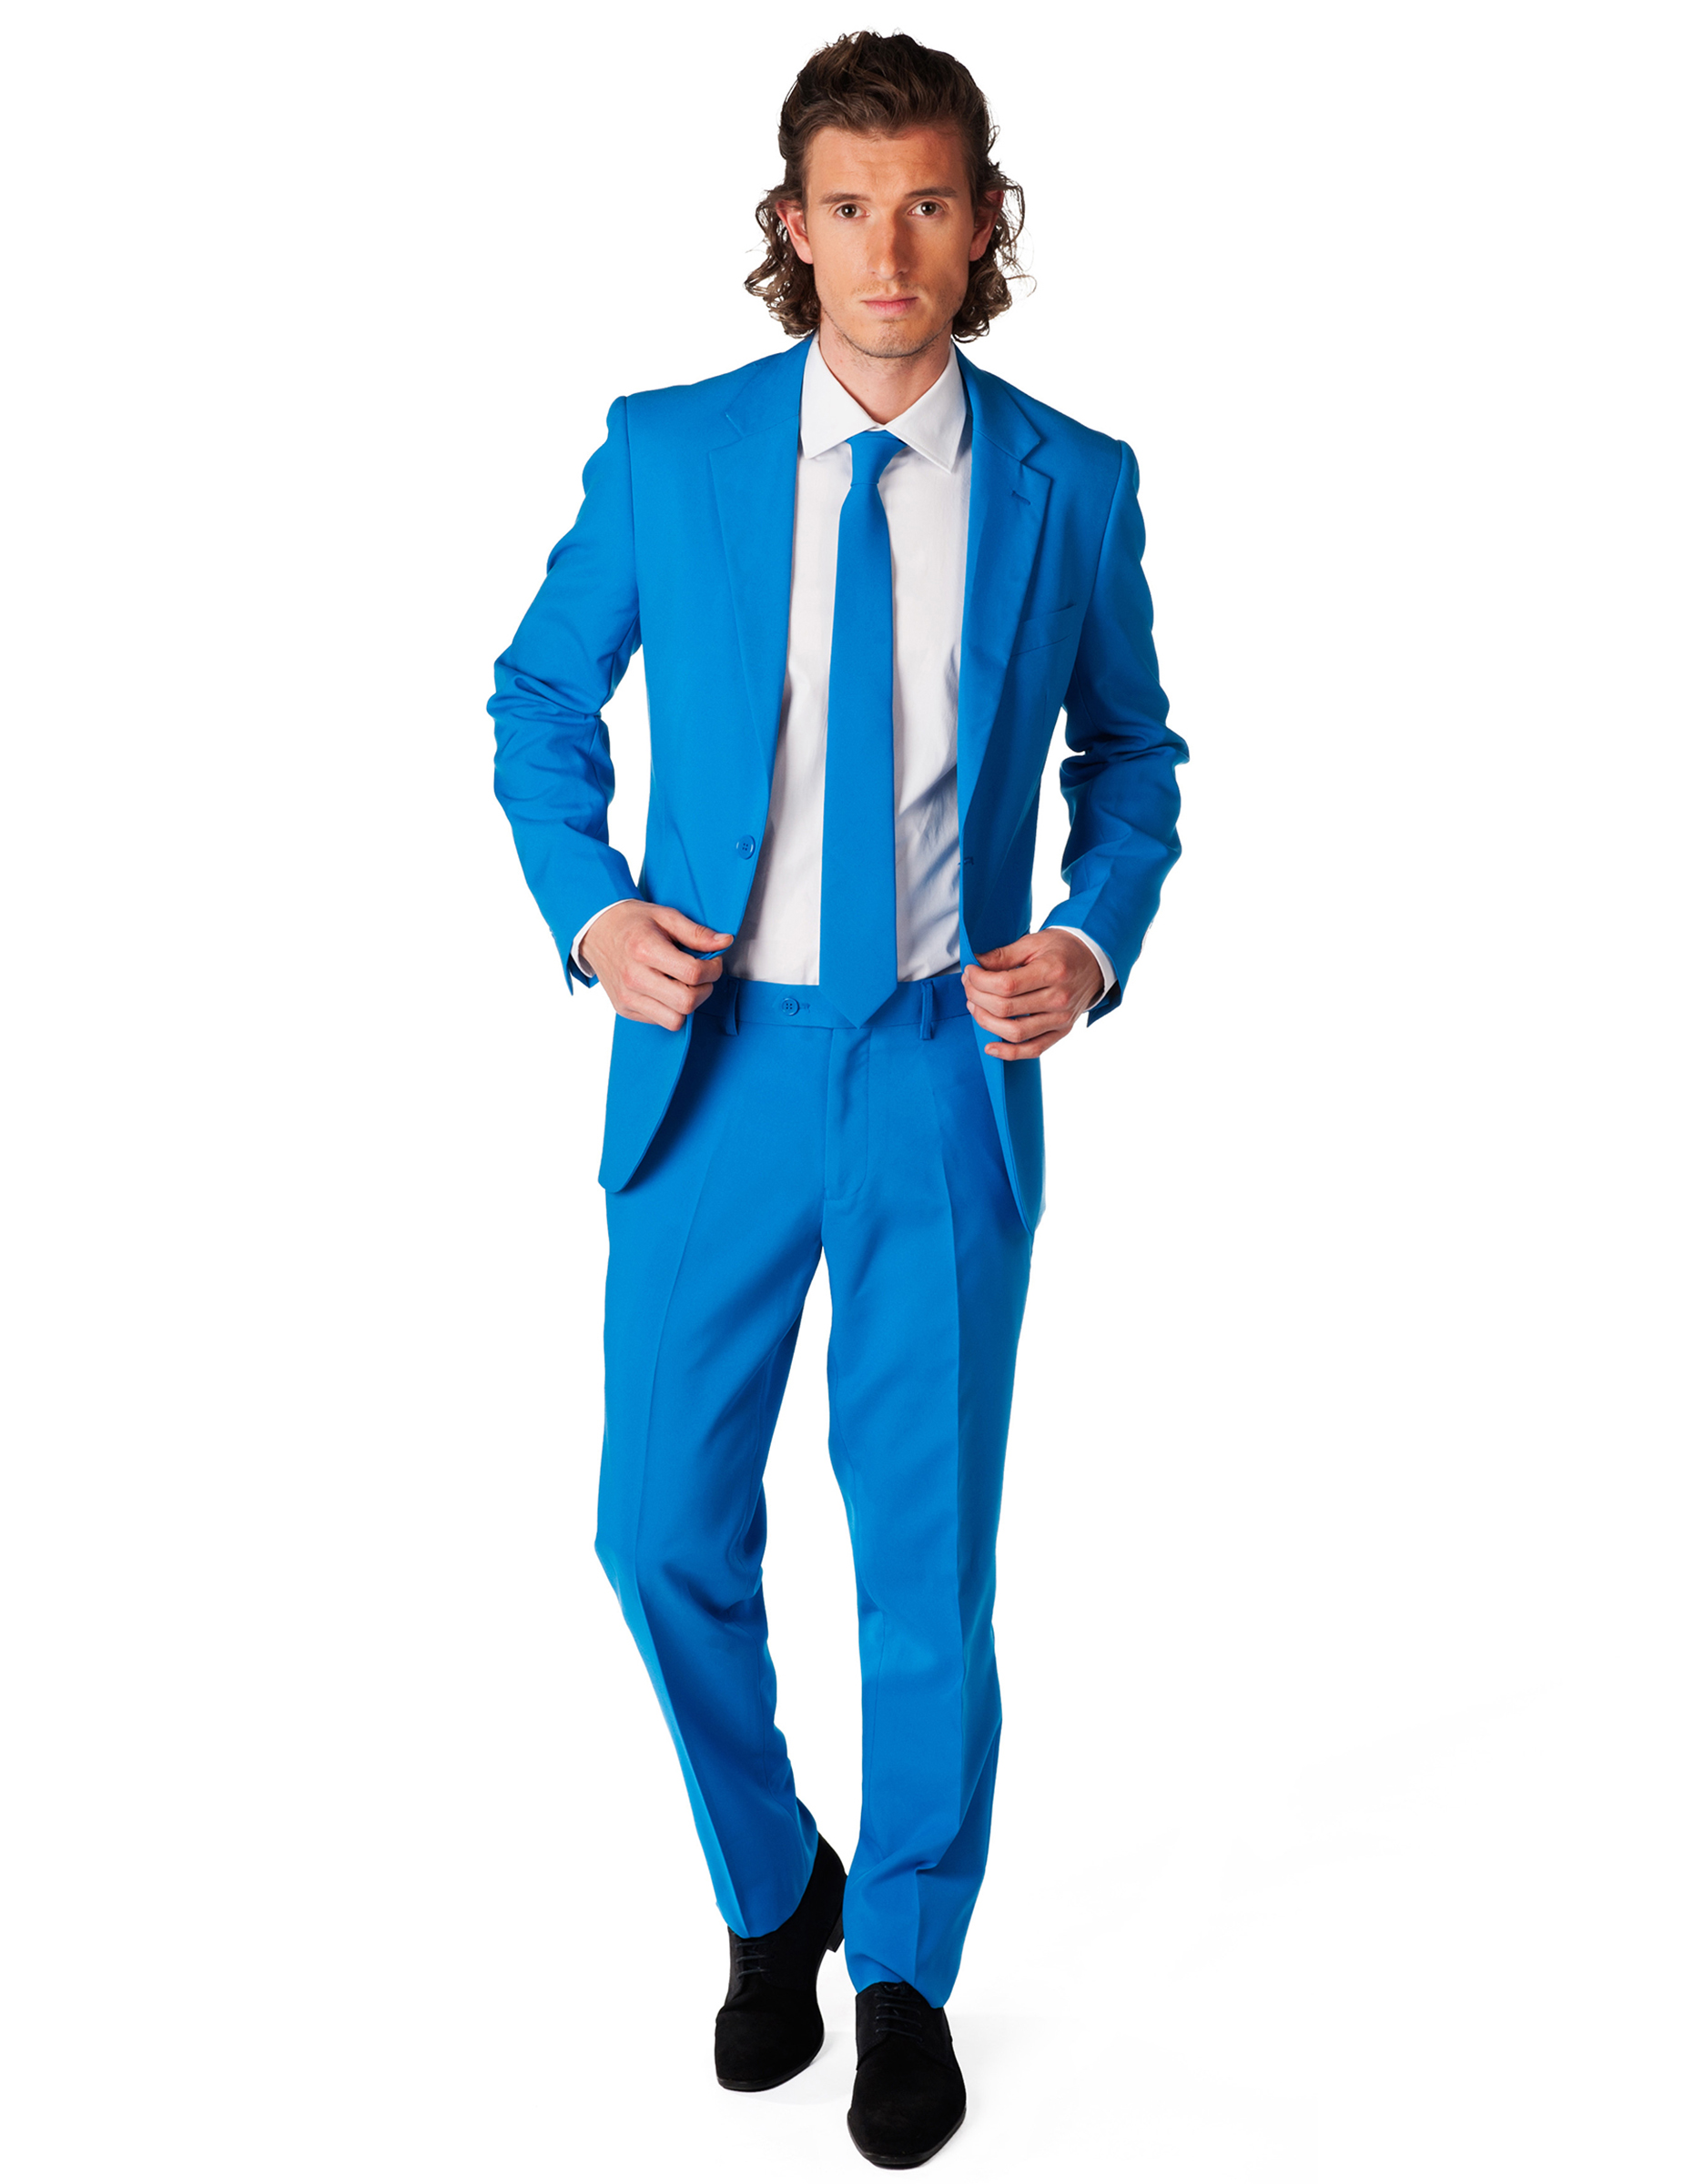 blauw pak mannen